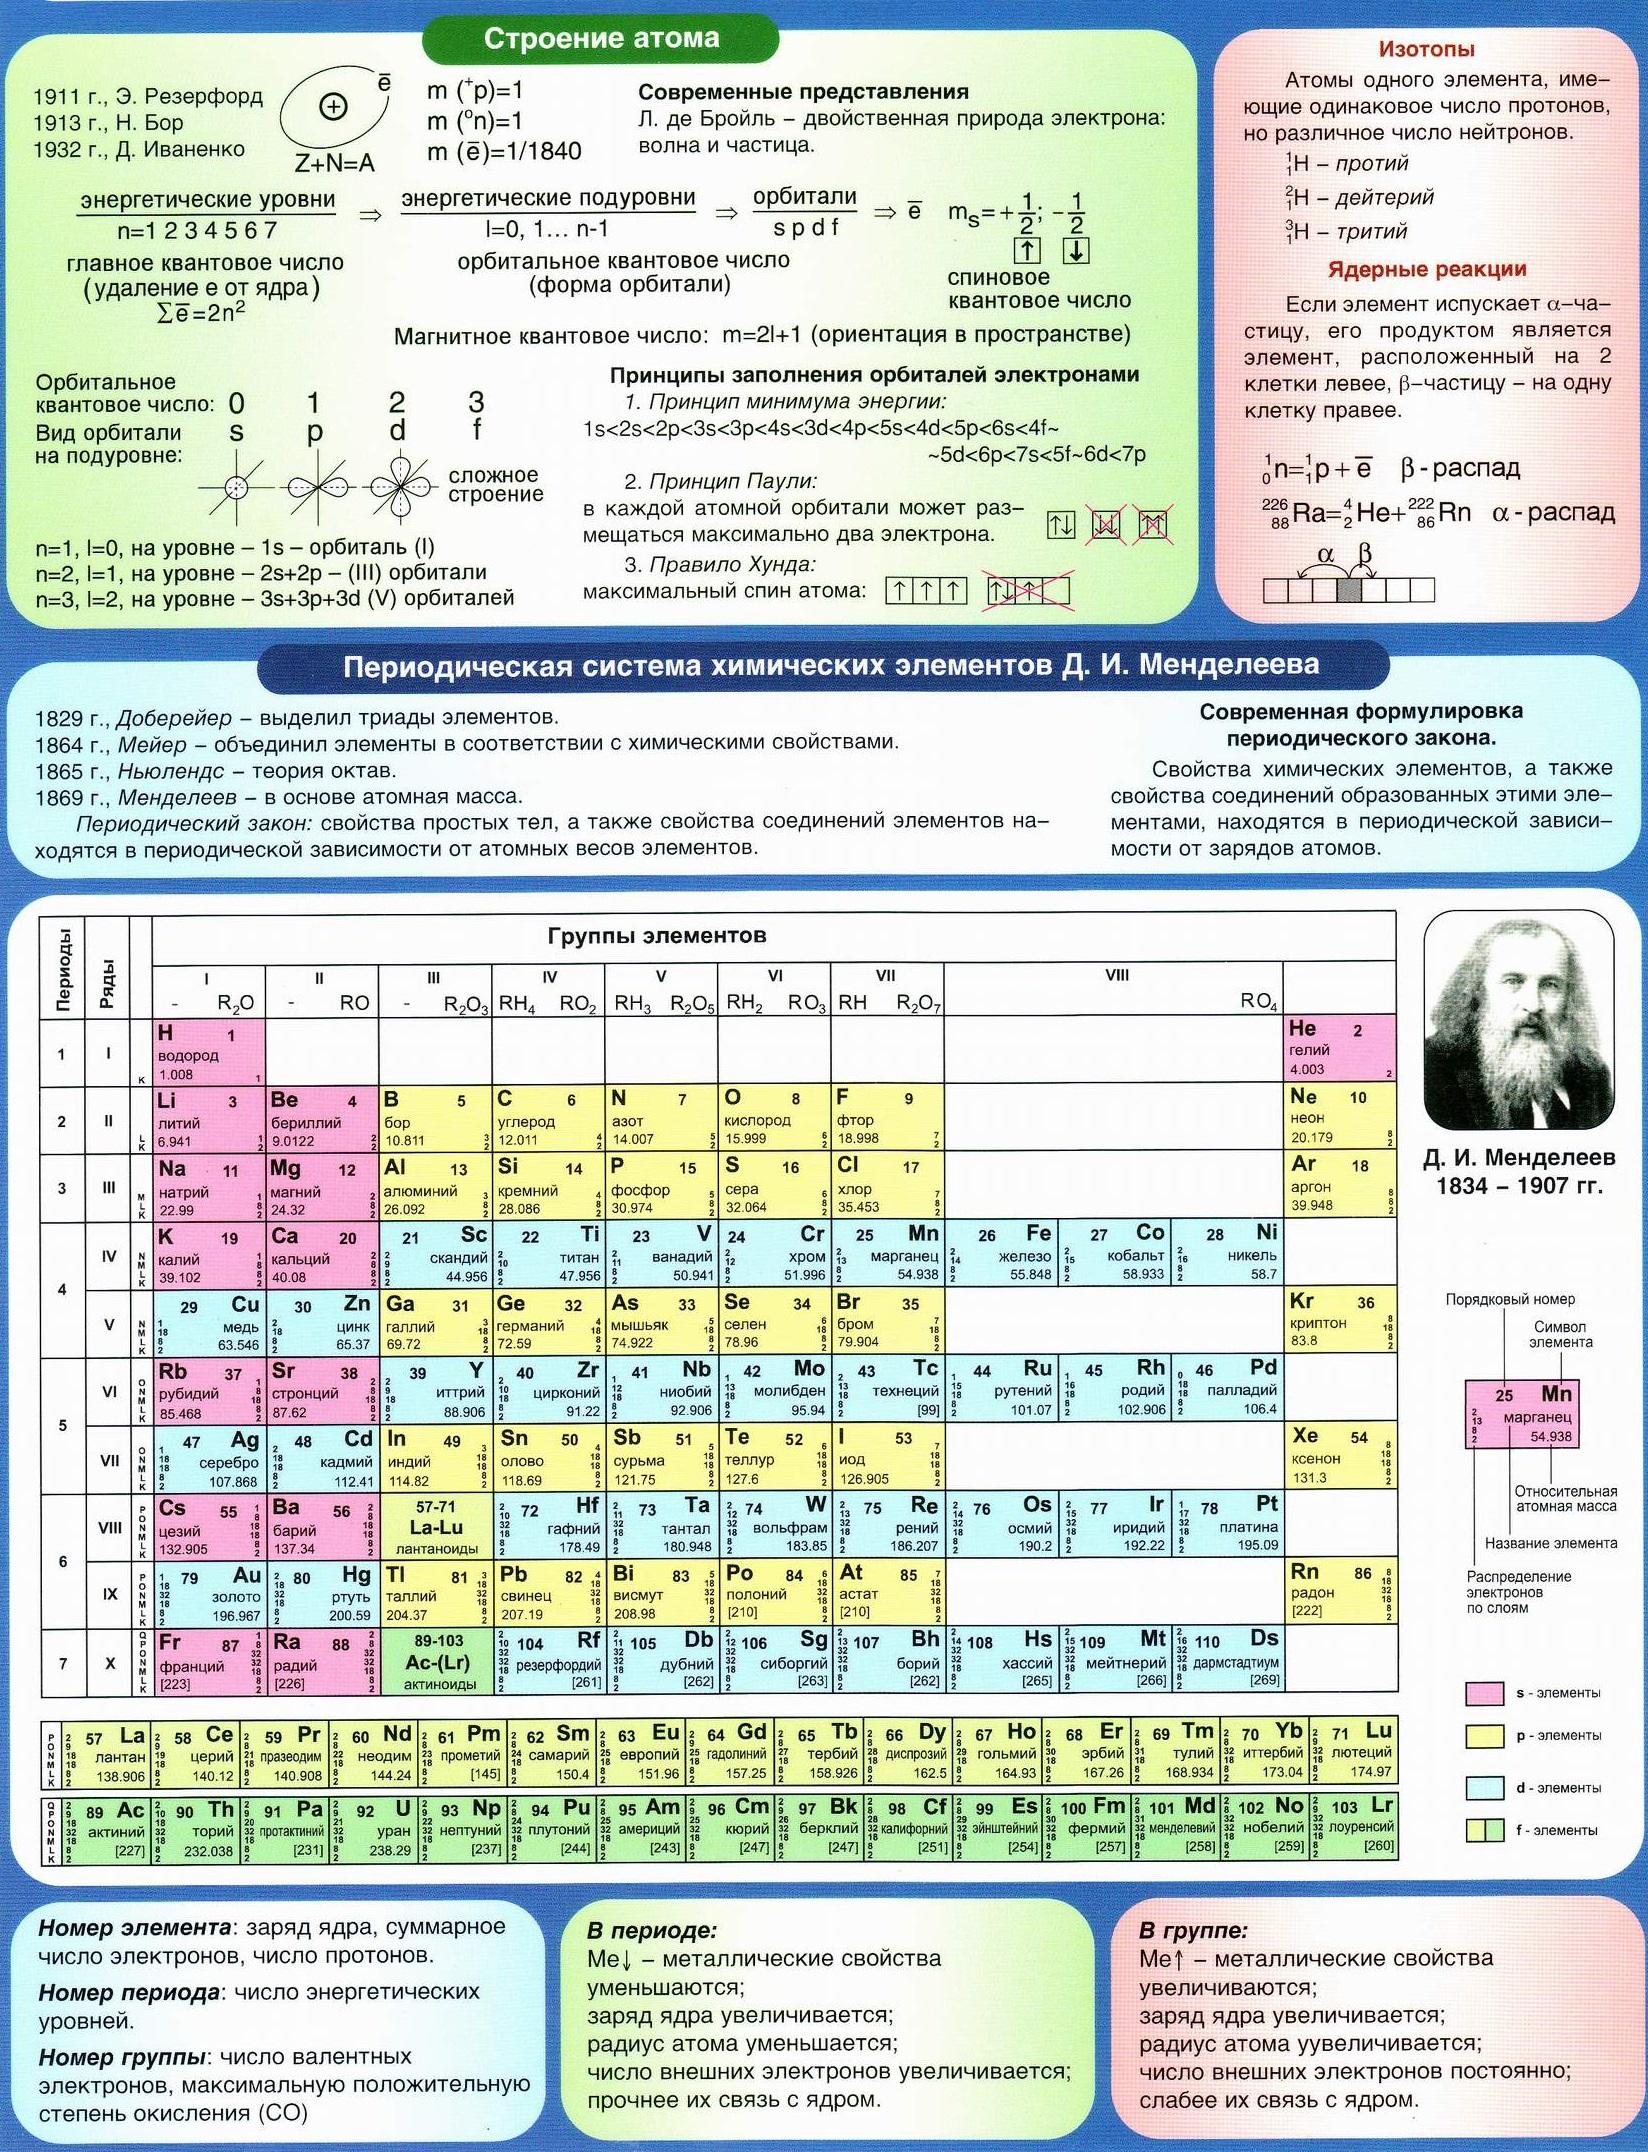 Строение атома, периодическая система Менделлева, таблица Менделеева.